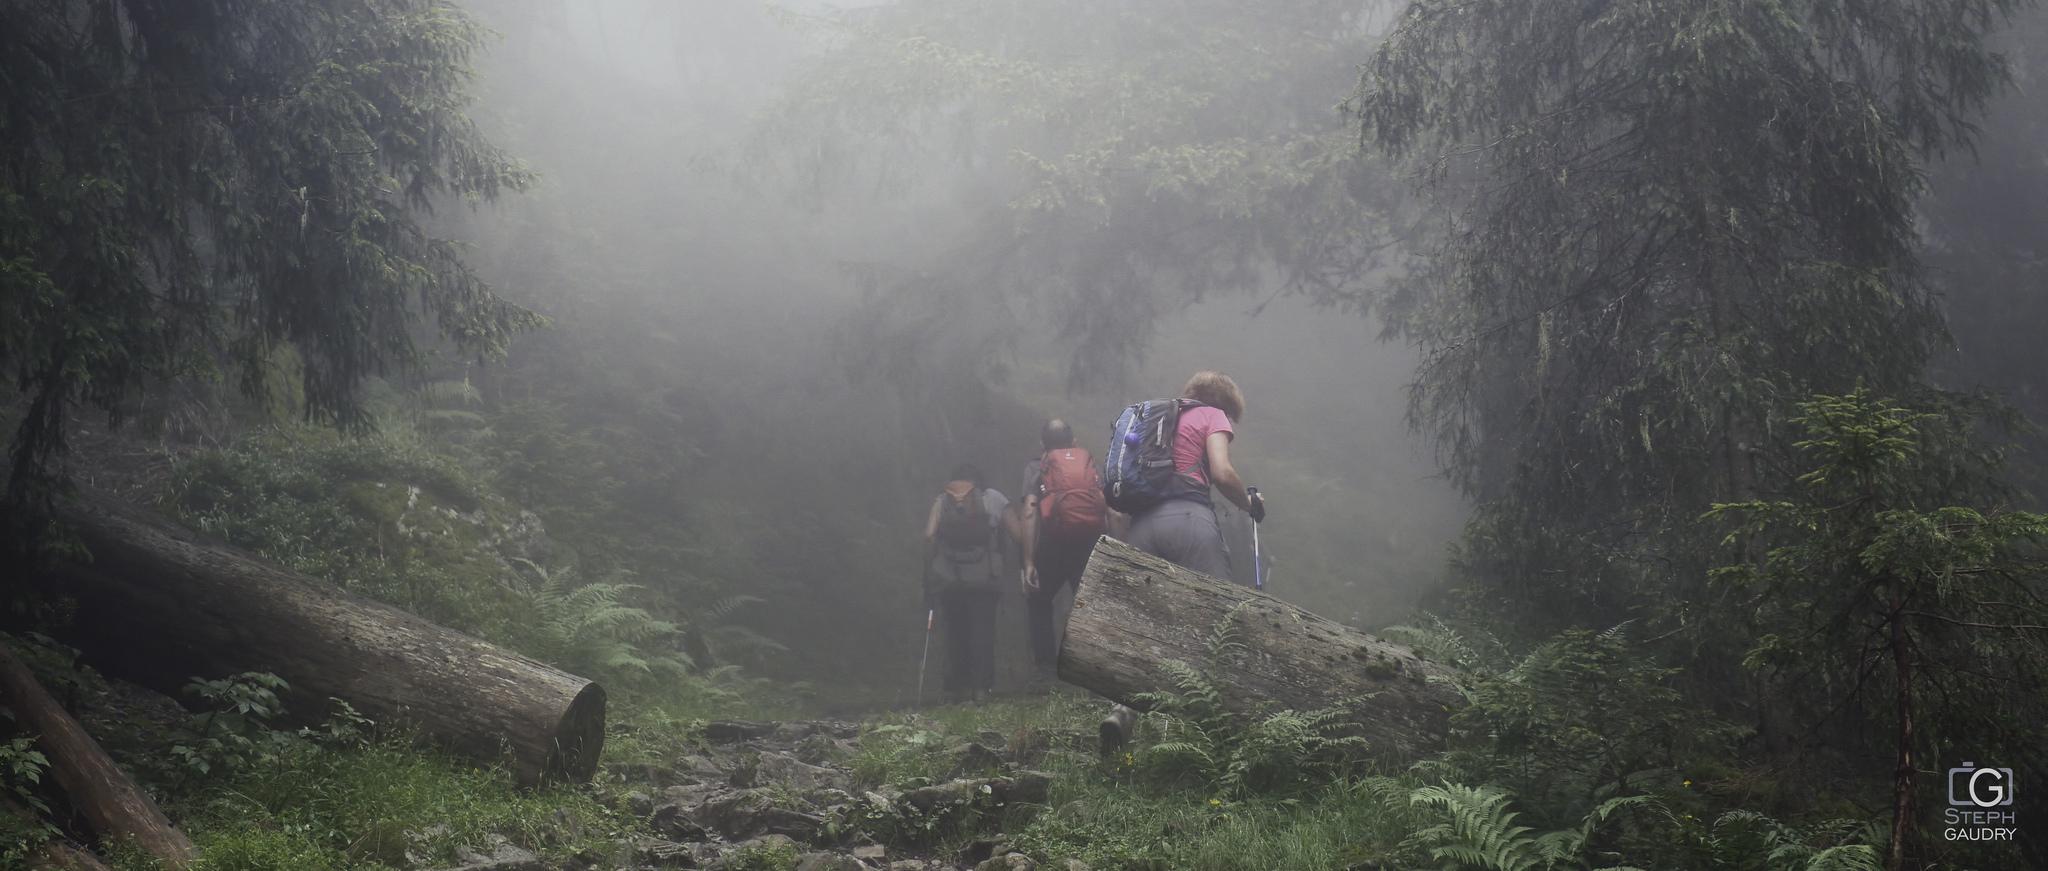 Mist expedition 2015 [Klik om de diavoorstelling te starten]